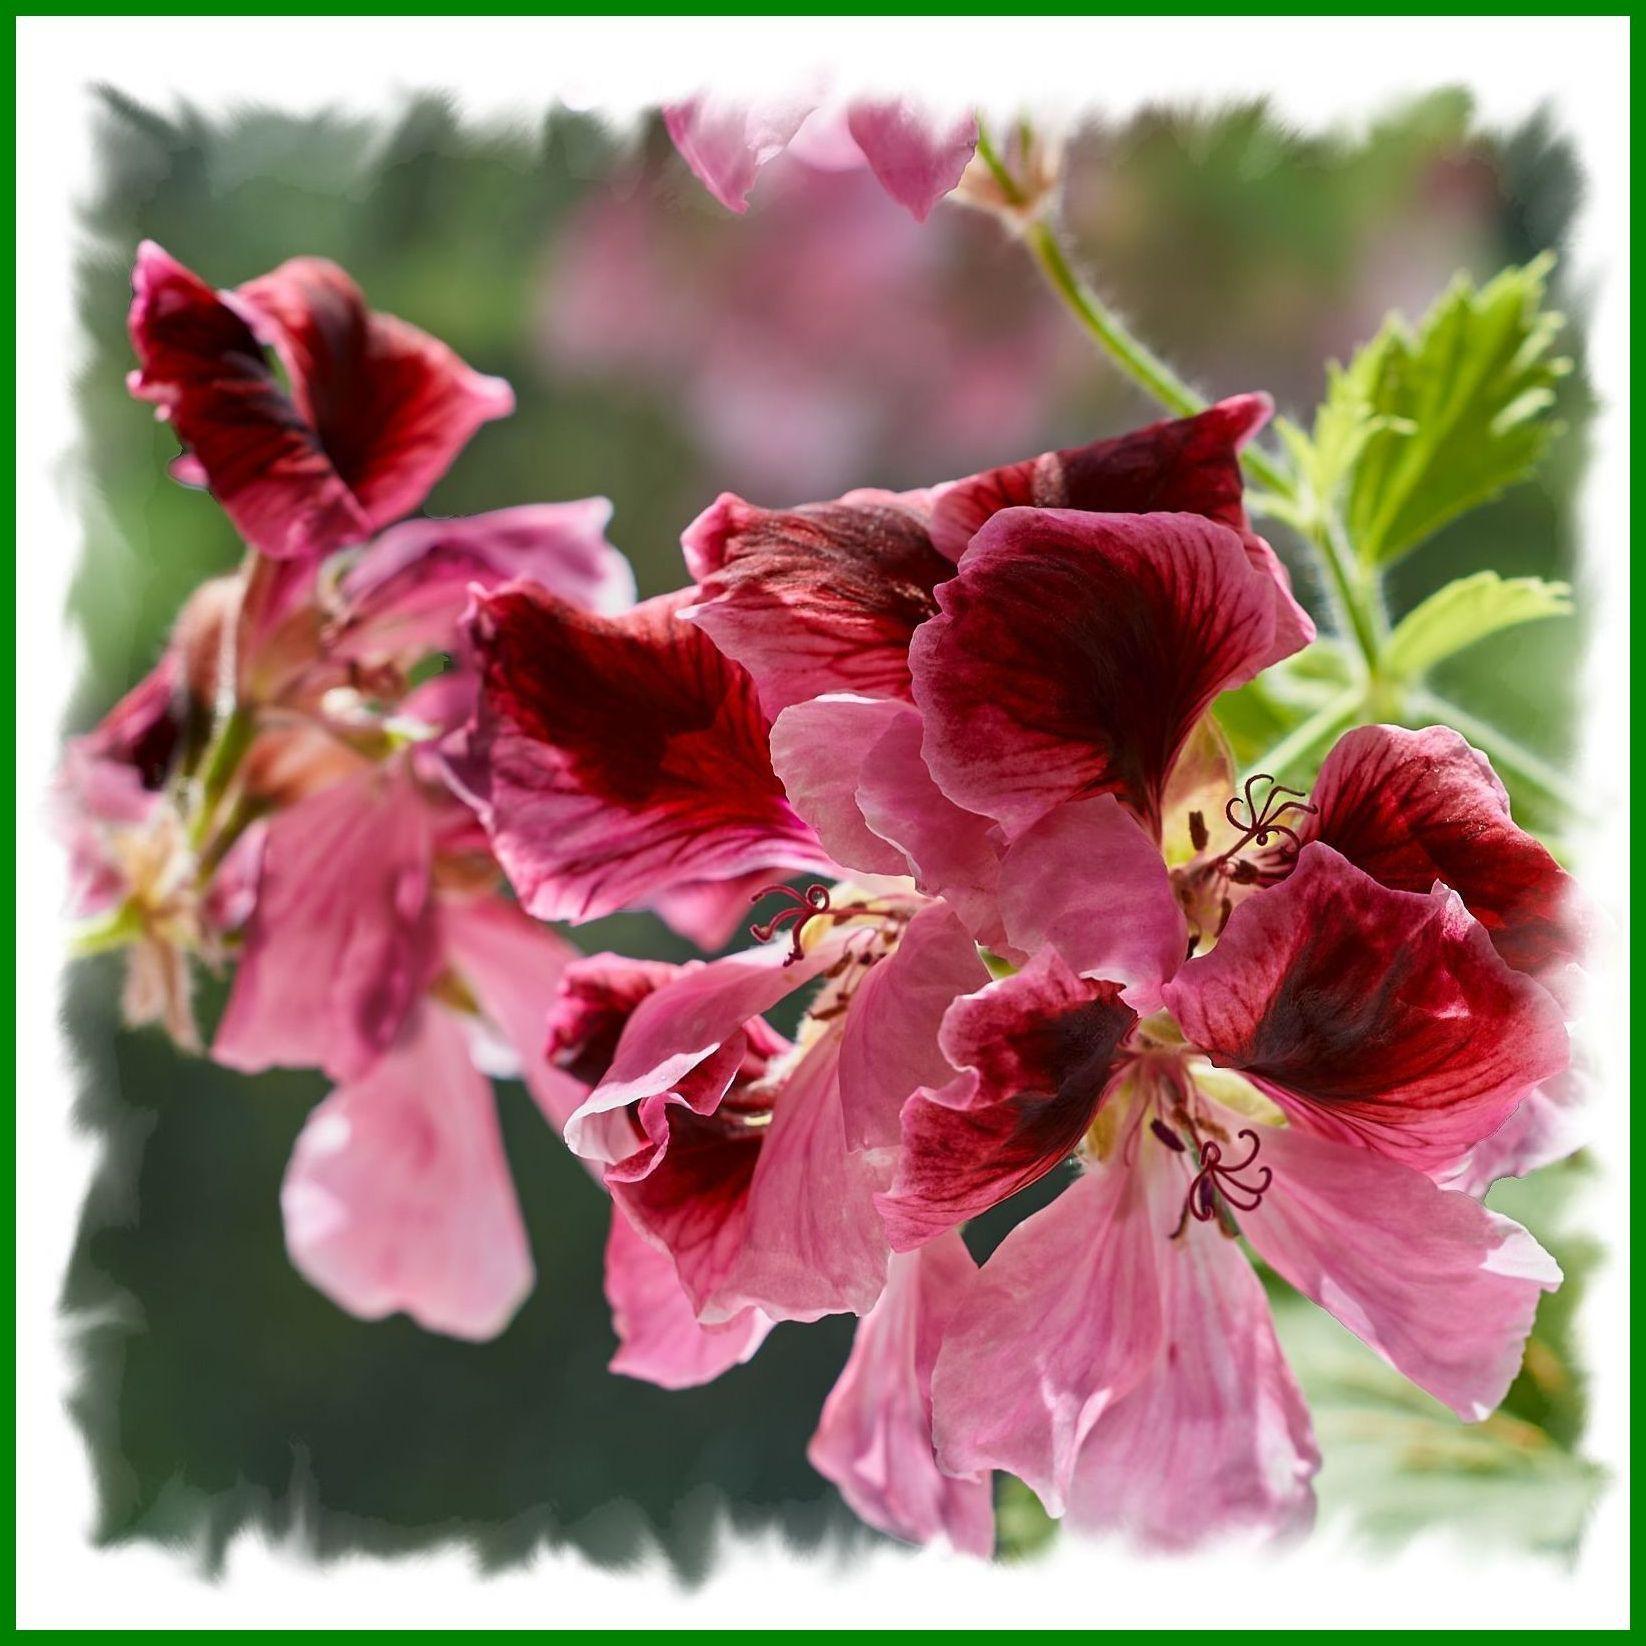 Королевская герань. Цветок герань пеларгония